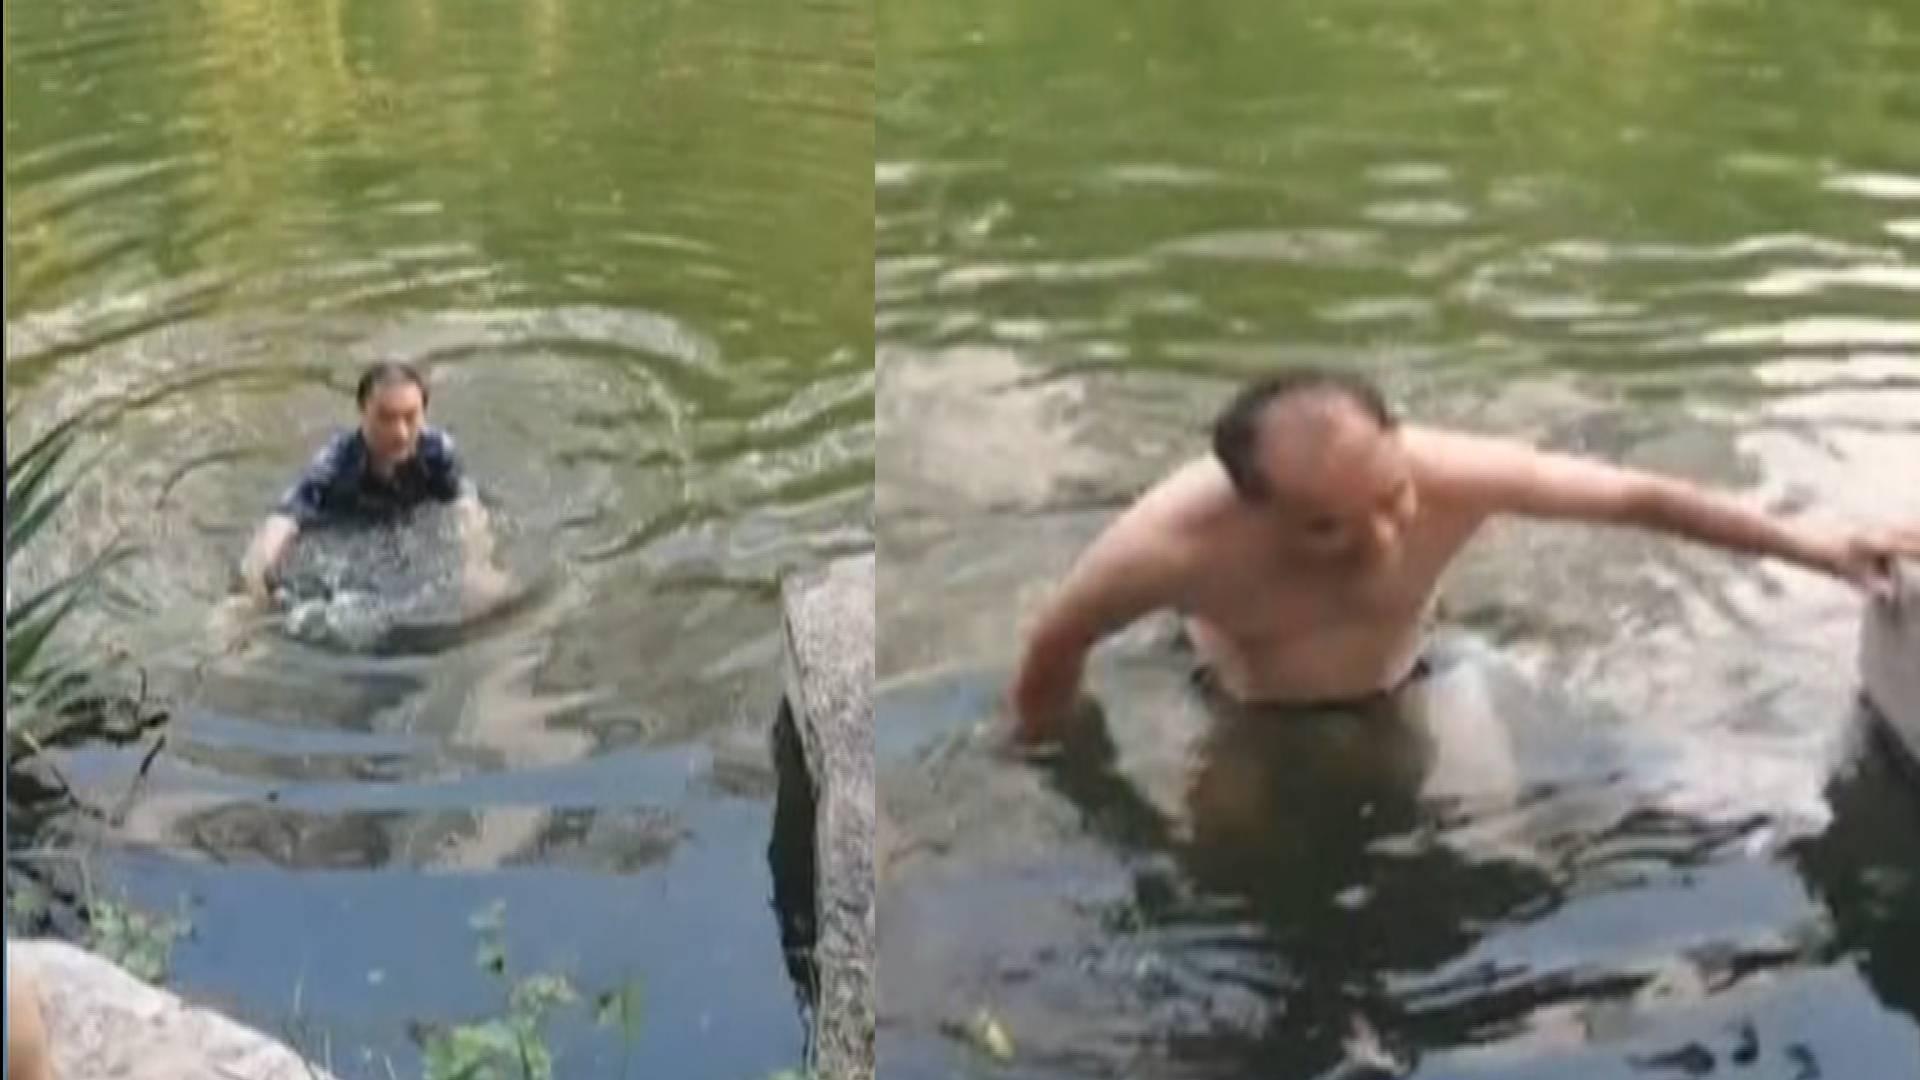 為英雄鼓掌!看到有人落水 滕州這三名市民義無反顧跳水救人